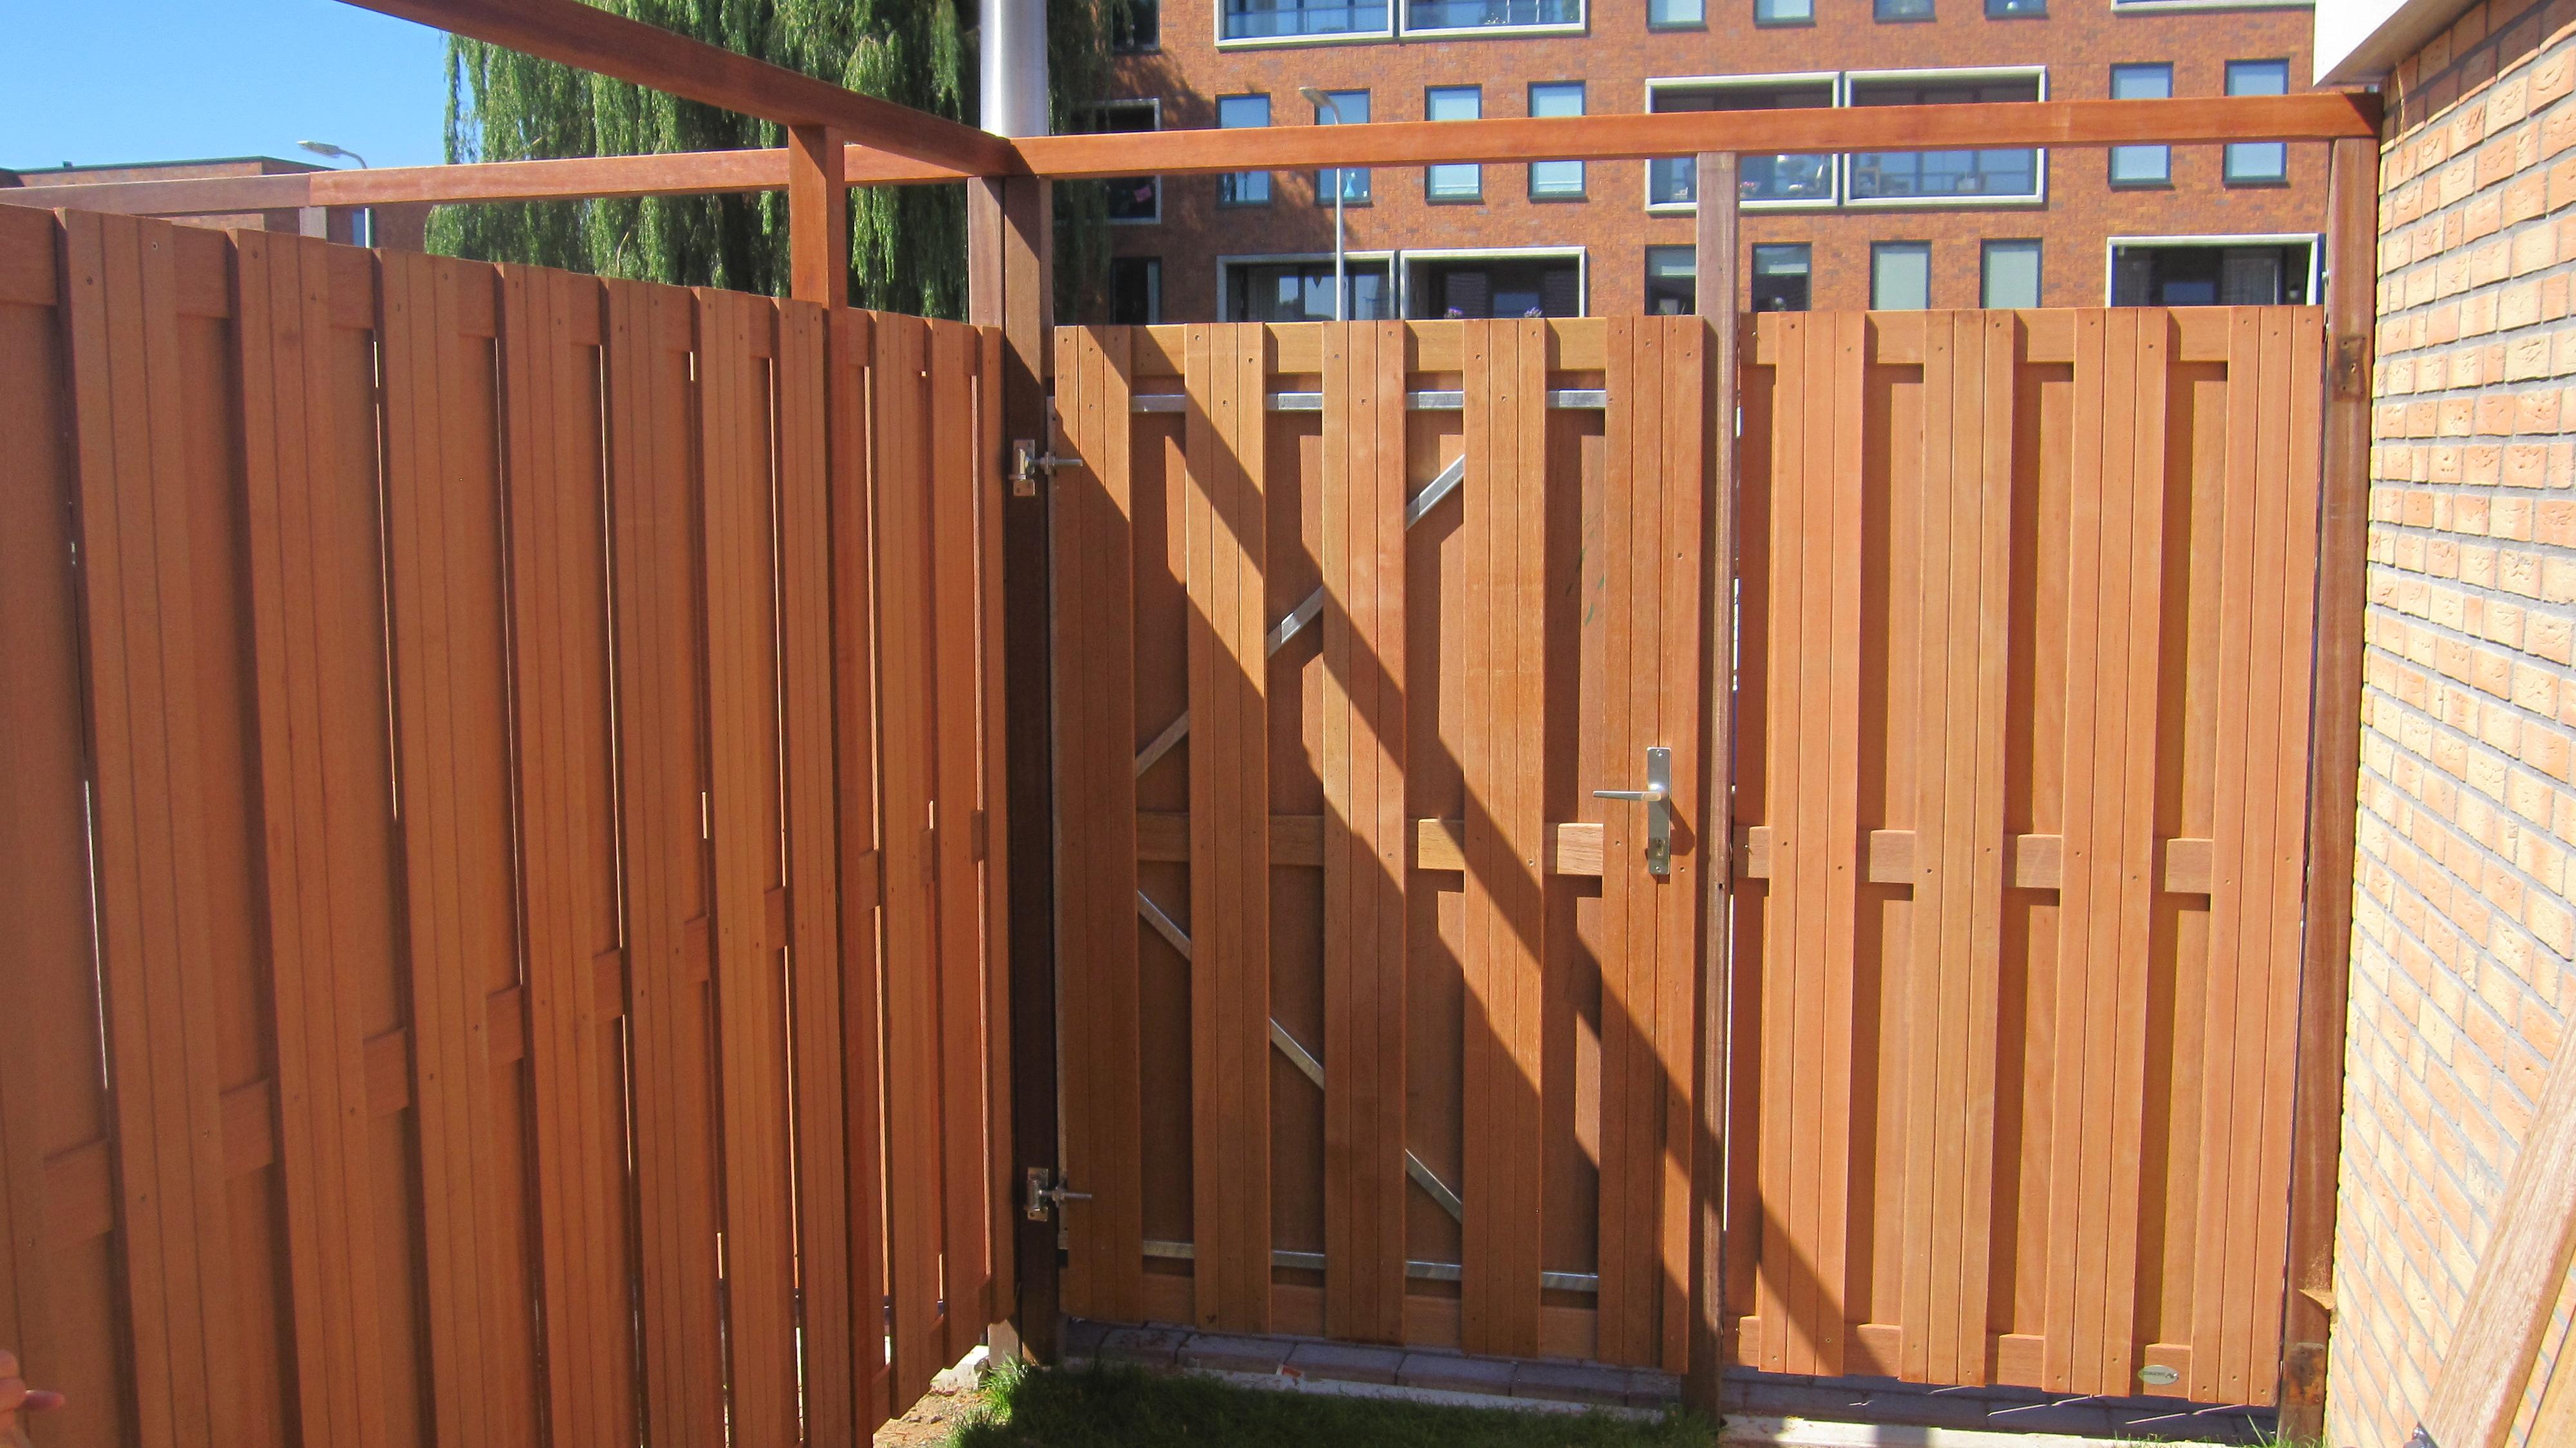 Bankiray poortdeur in de tuin laten plaatsen